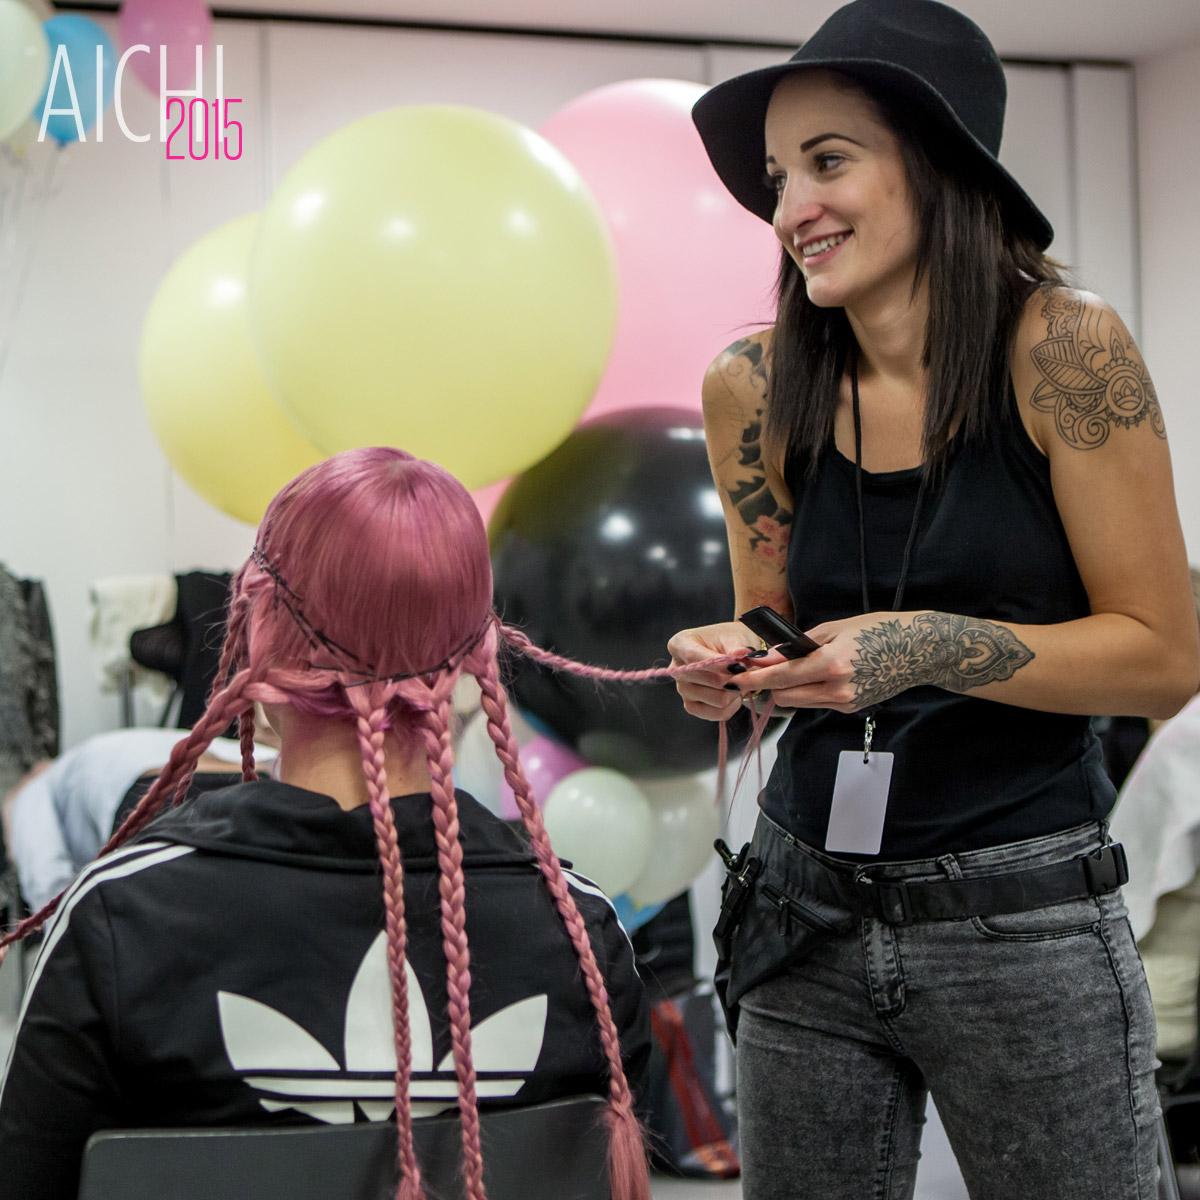 Kaderníčka Adéla Kodetová pri príprave účesov pre svoju show na galavečere AICHI 2015.